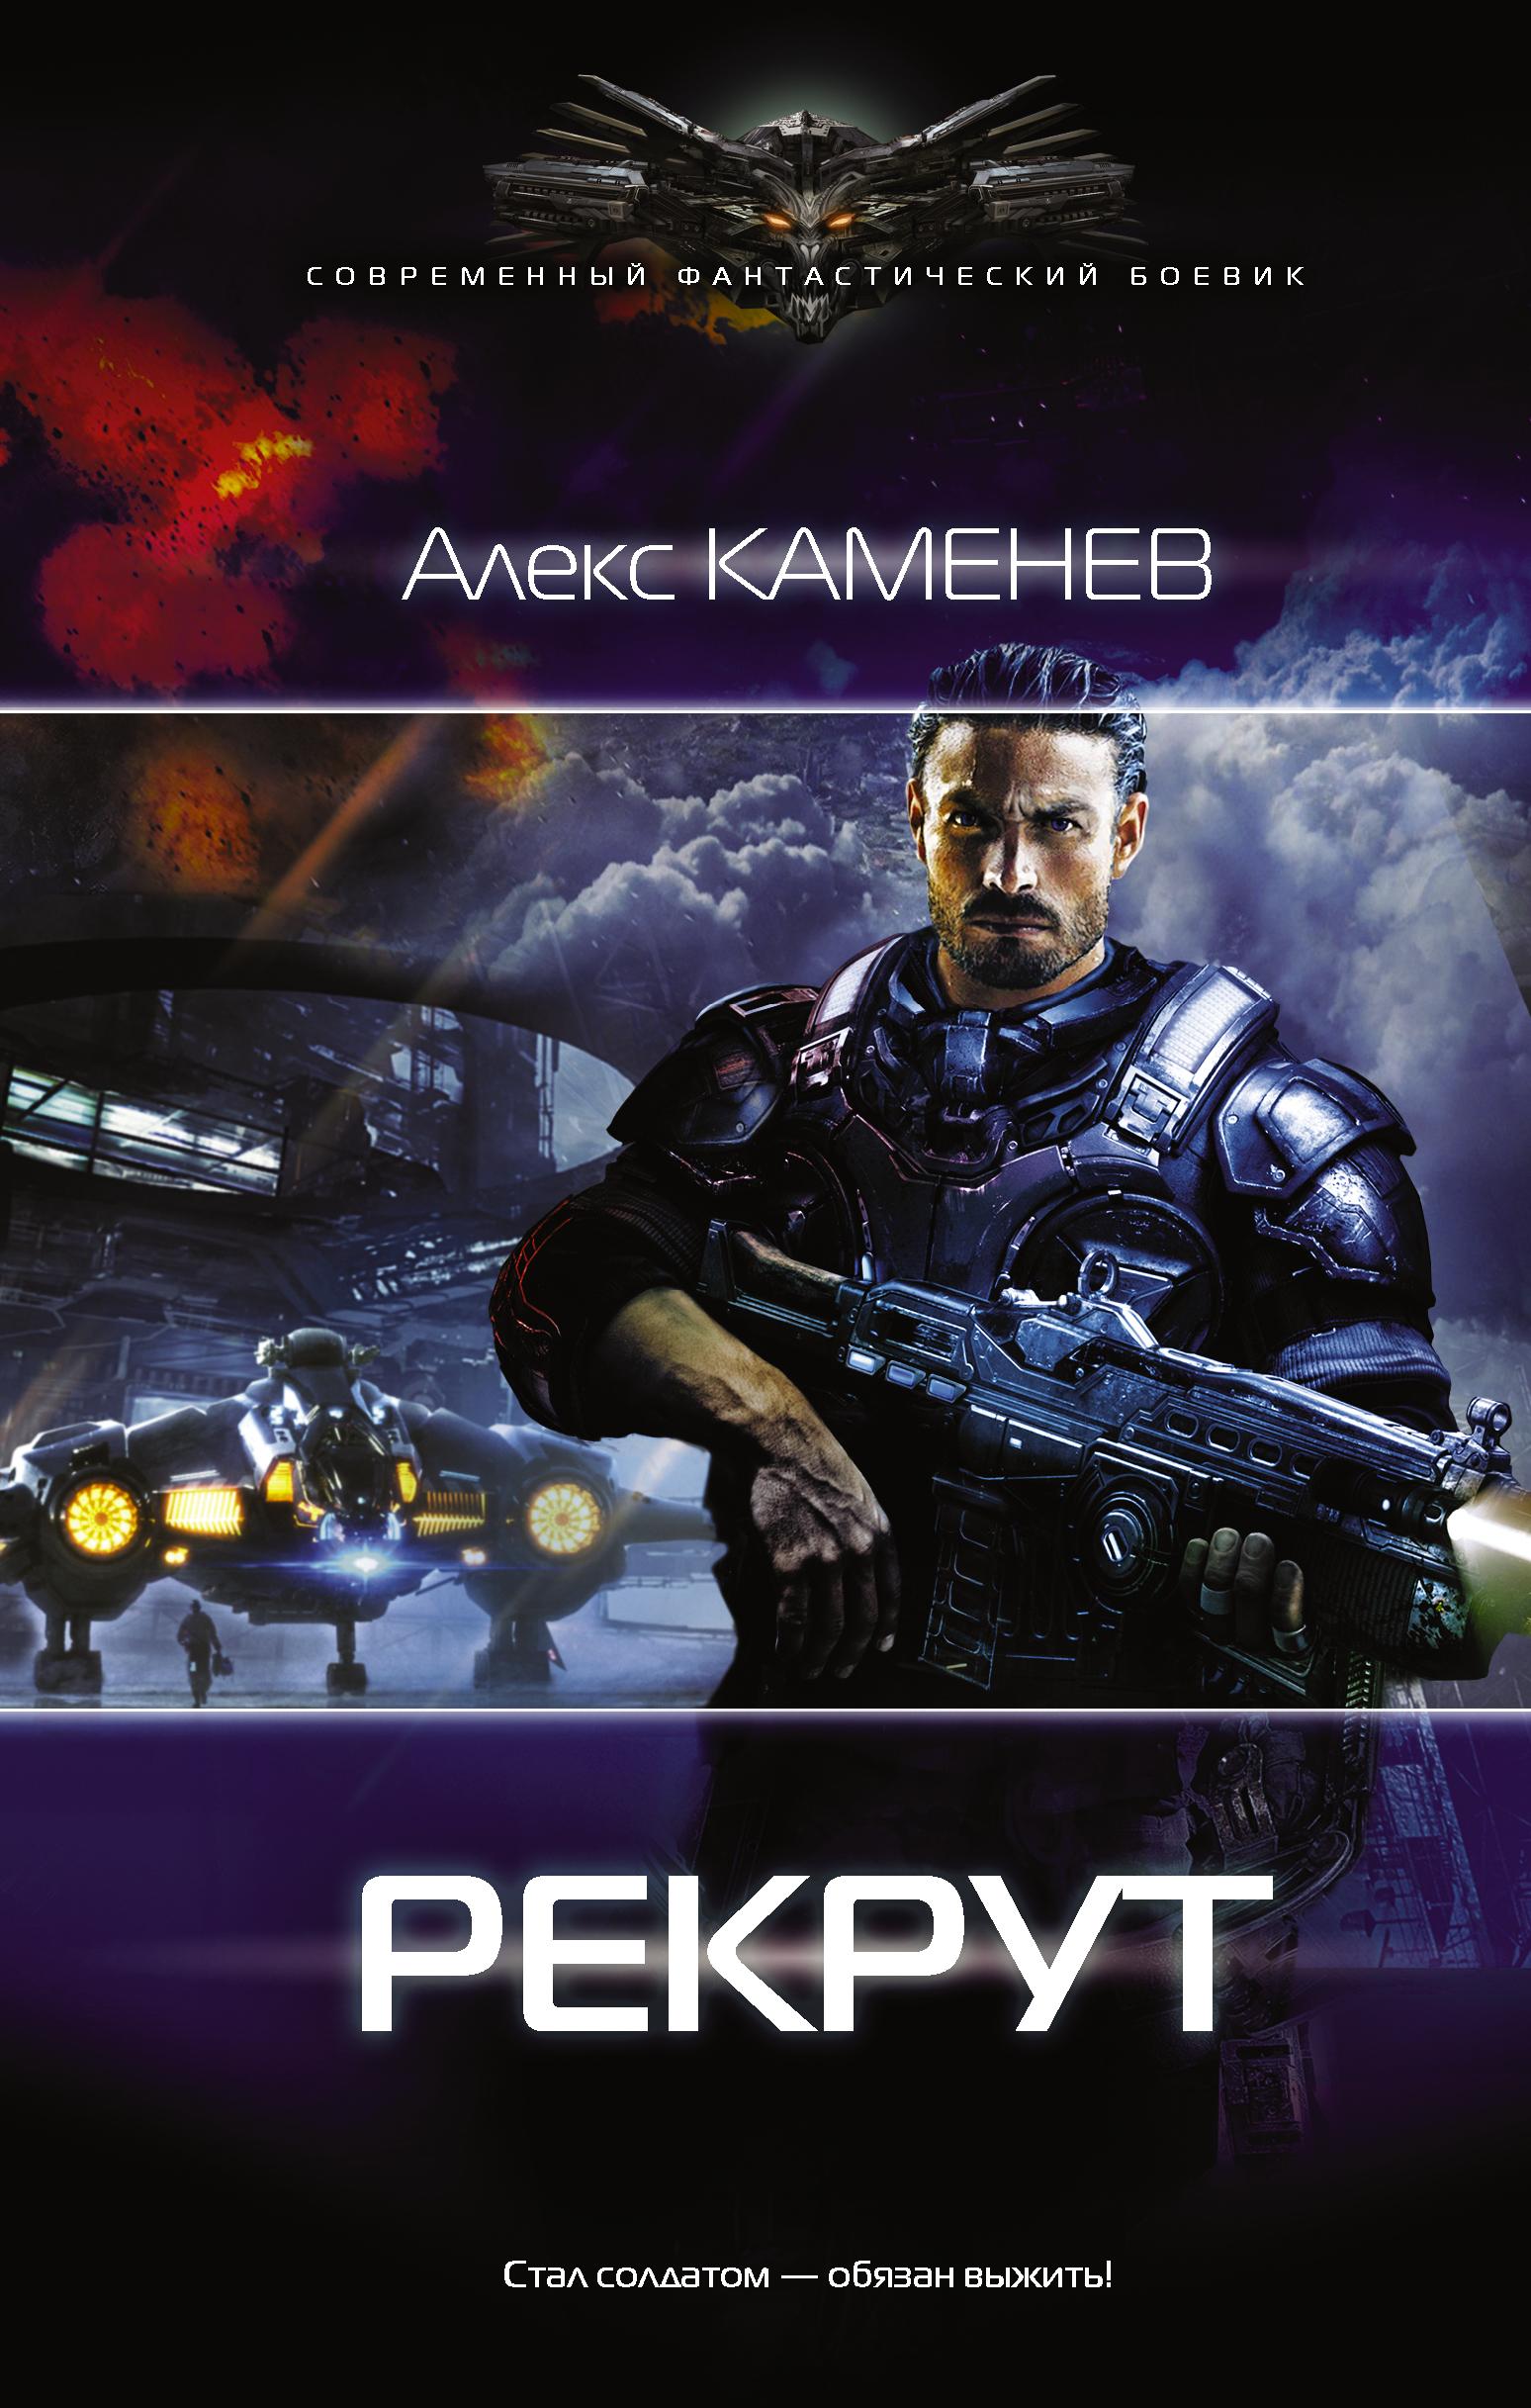 АЛЕКС КАМЕНЕВ МАКС ВОЛЬФ 2 СКАЧАТЬ БЕСПЛАТНО